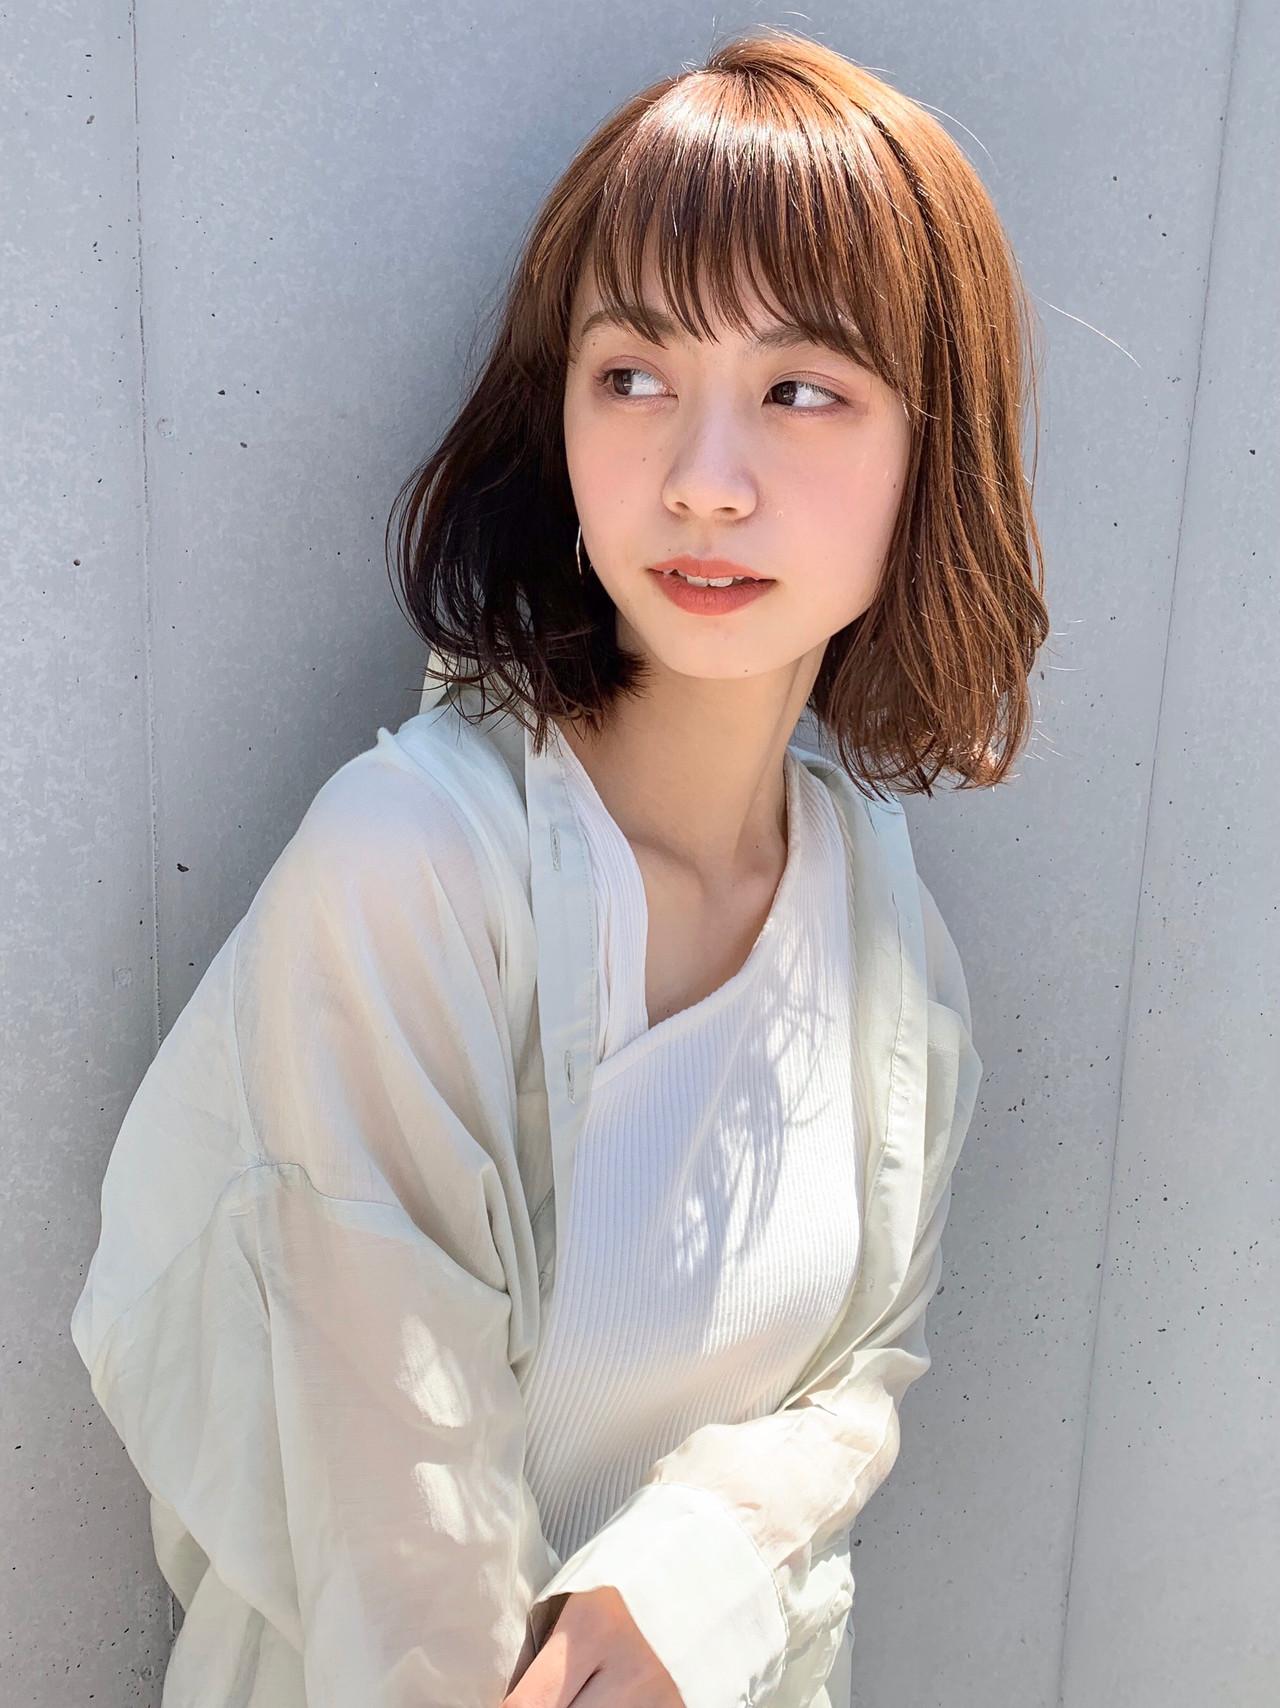 デジタルパーマ 似合わせカット ひし形シルエット フェミニン ヘアスタイルや髪型の写真・画像